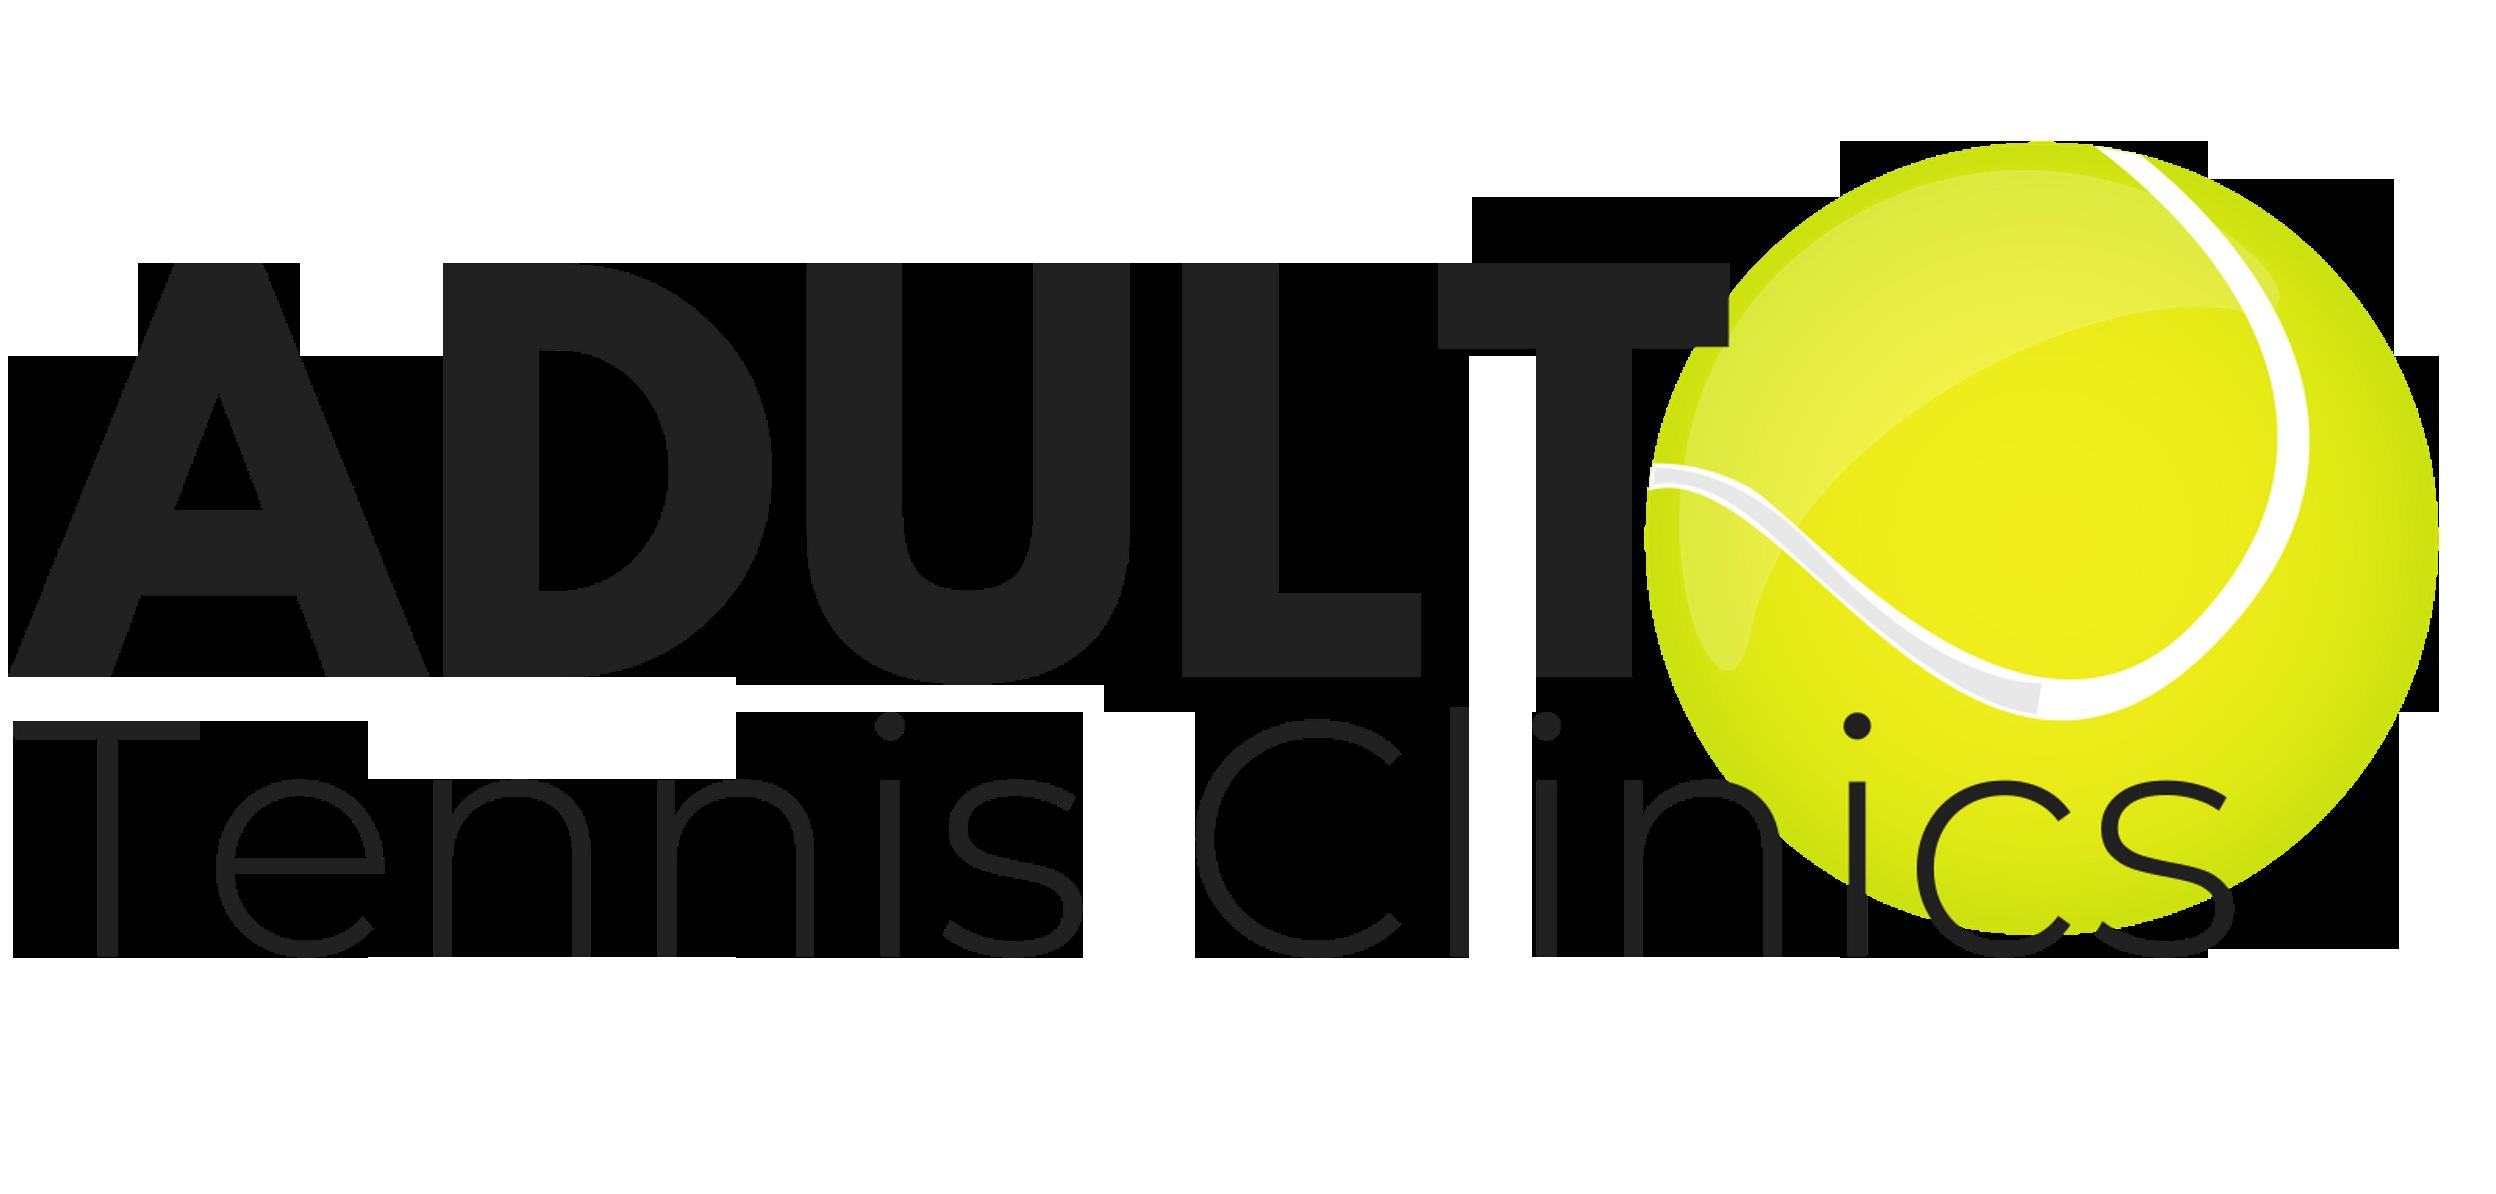 ADULT tennis clinics logo.png